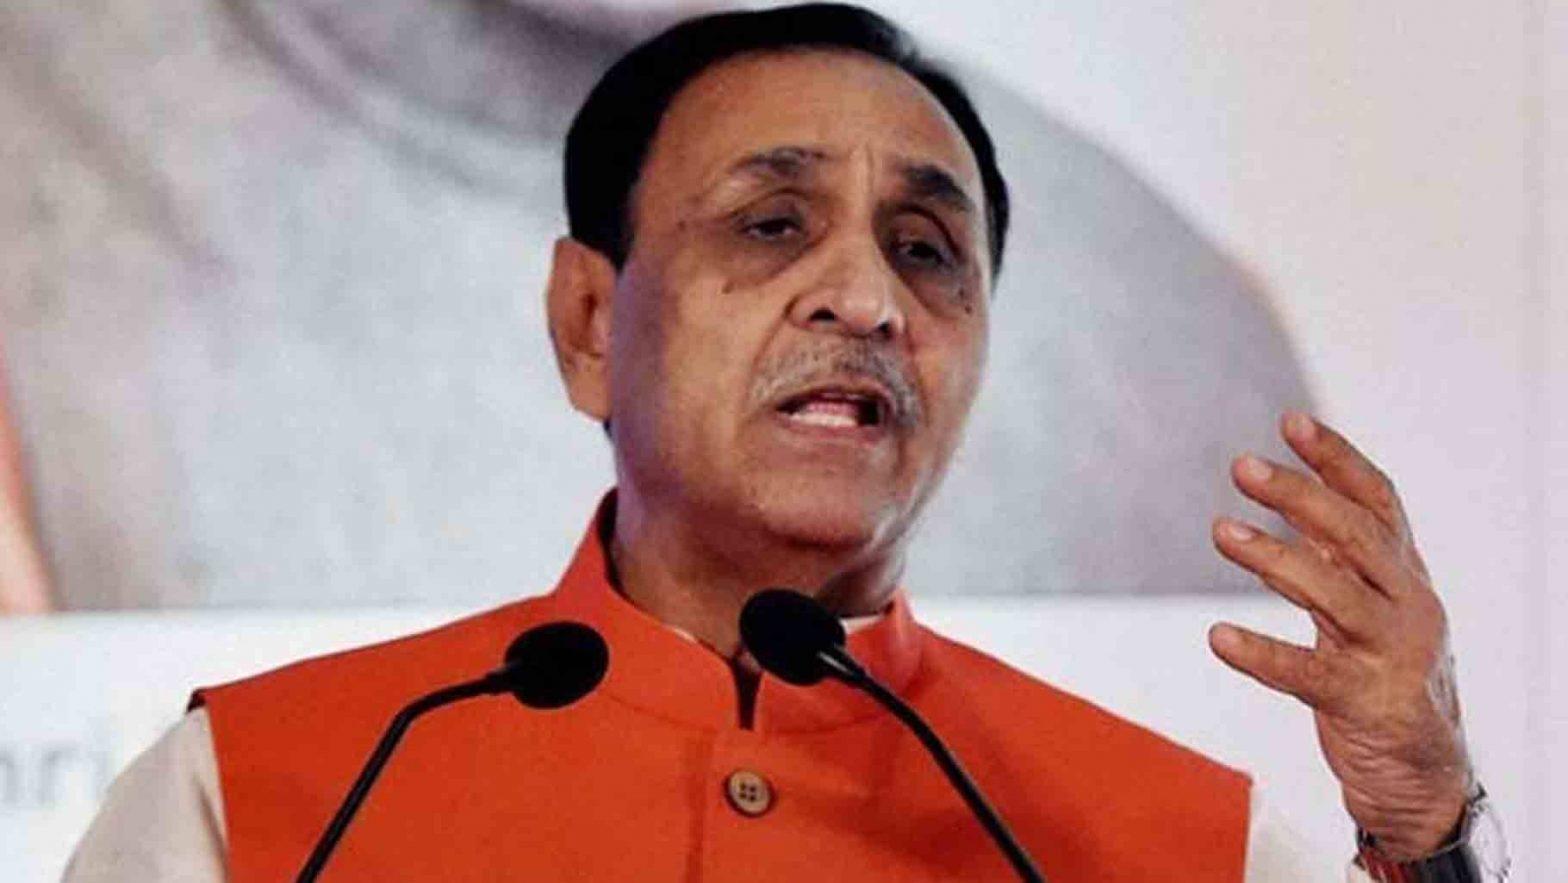 Gujarat CM Vijay Rupani e-launches Agricultural Diversification Scheme | গুজরাটের মুখ্যমন্ত্রী বিজয় রুপানী কৃষি বৈচিত্র্যকরণ প্রকল্পটি চালু করেছে_40.1